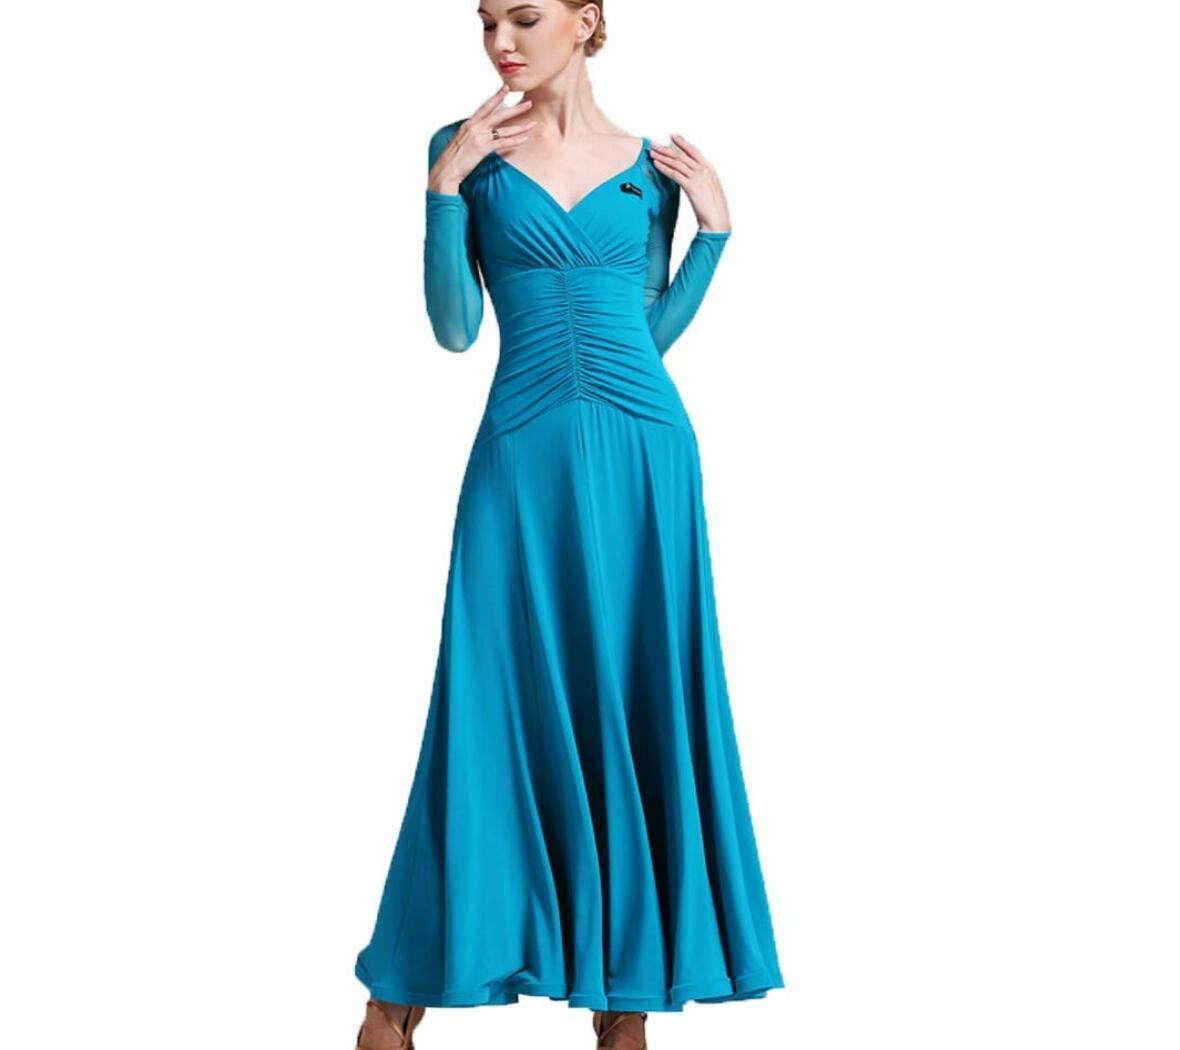 B XL ZYLL Norme Nationale Danse de Salon pour Femmes Compétition VêteHommests de Danse Moderne Valse Tango Danse Costume Perforhommece Grand Swing